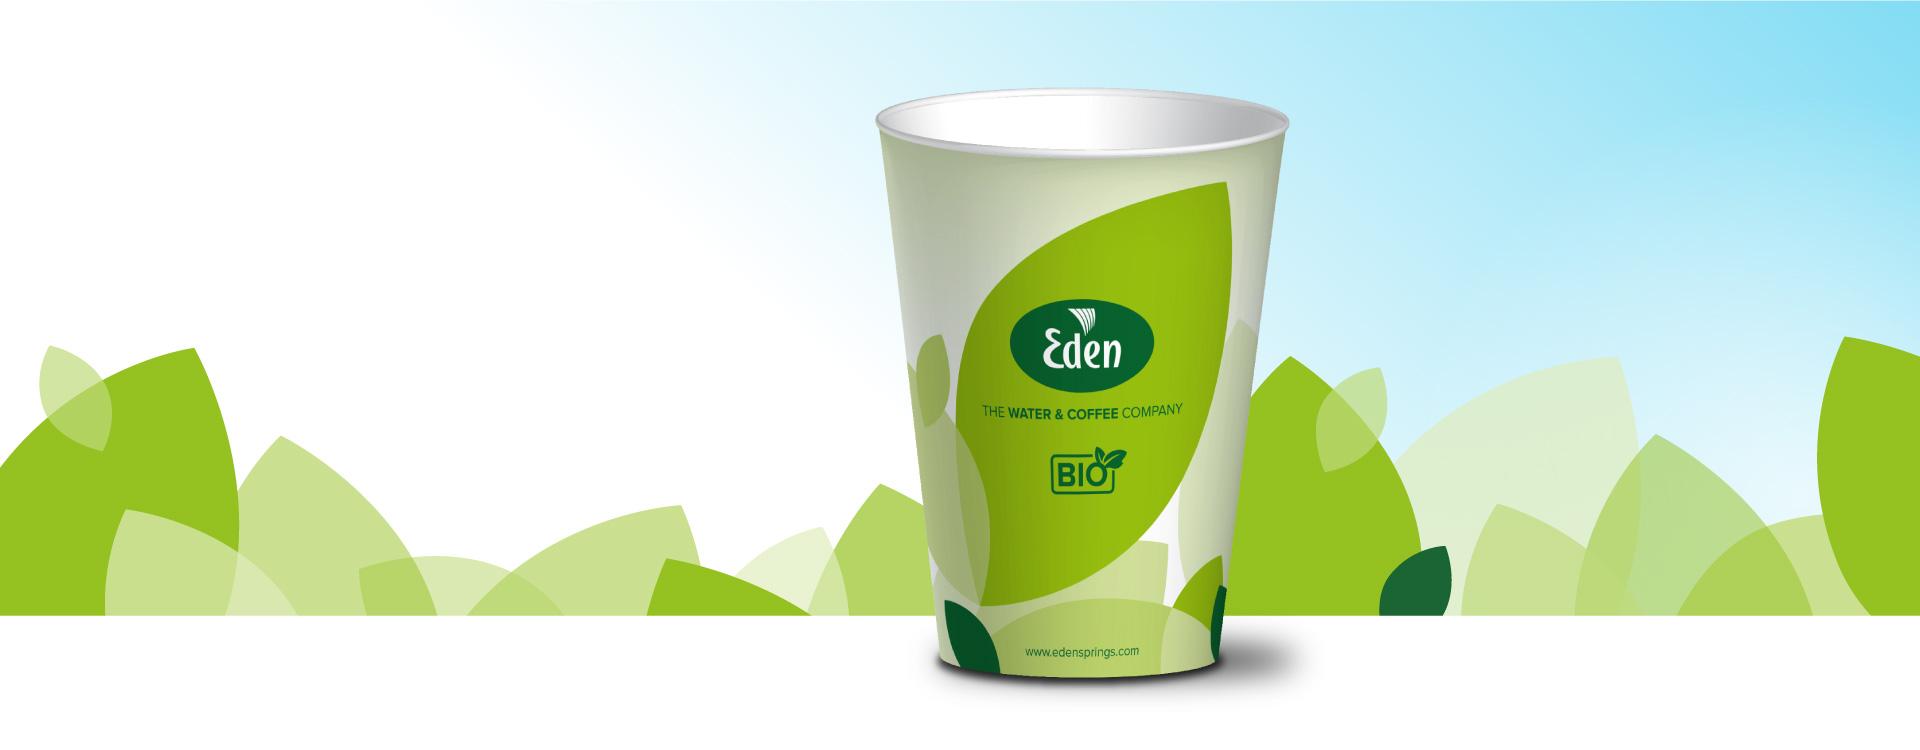 Eden BIO glāzītes - Īpaša akcija 2 + 1!